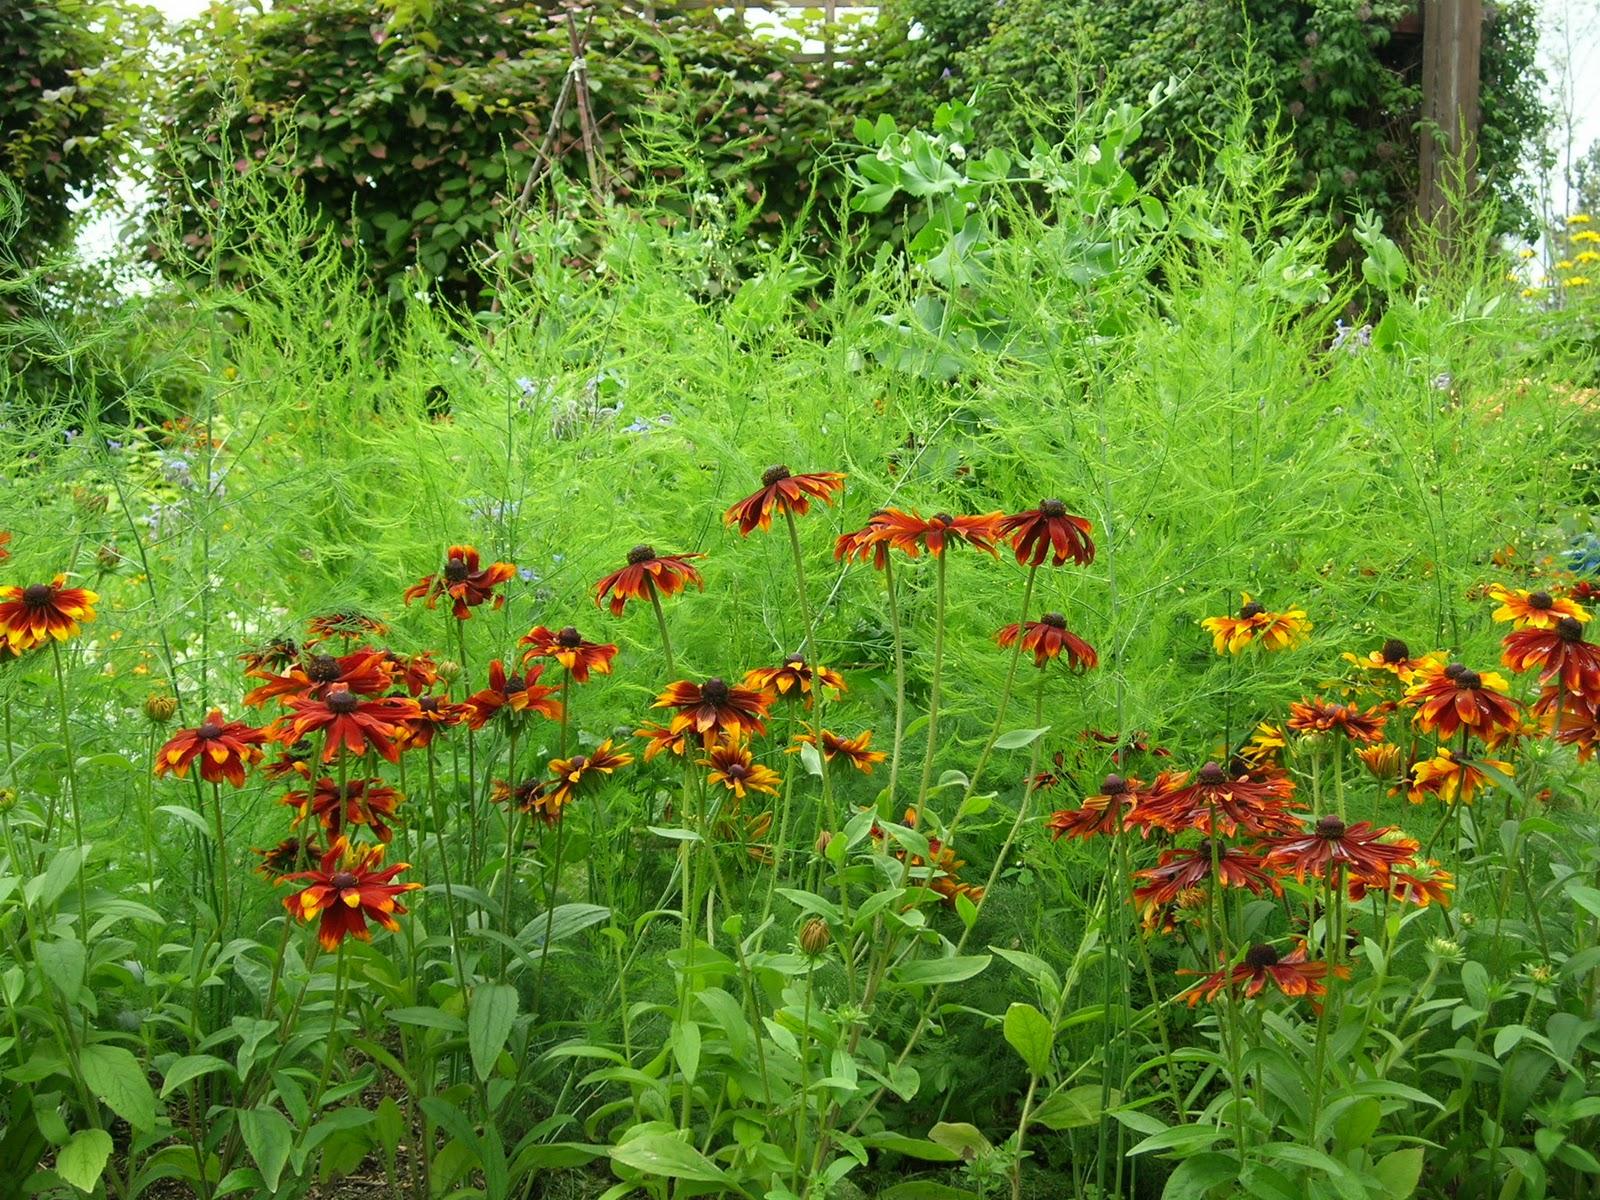 Visningsträdgården Hällans trädgårdsblogg: Trädgårdsland